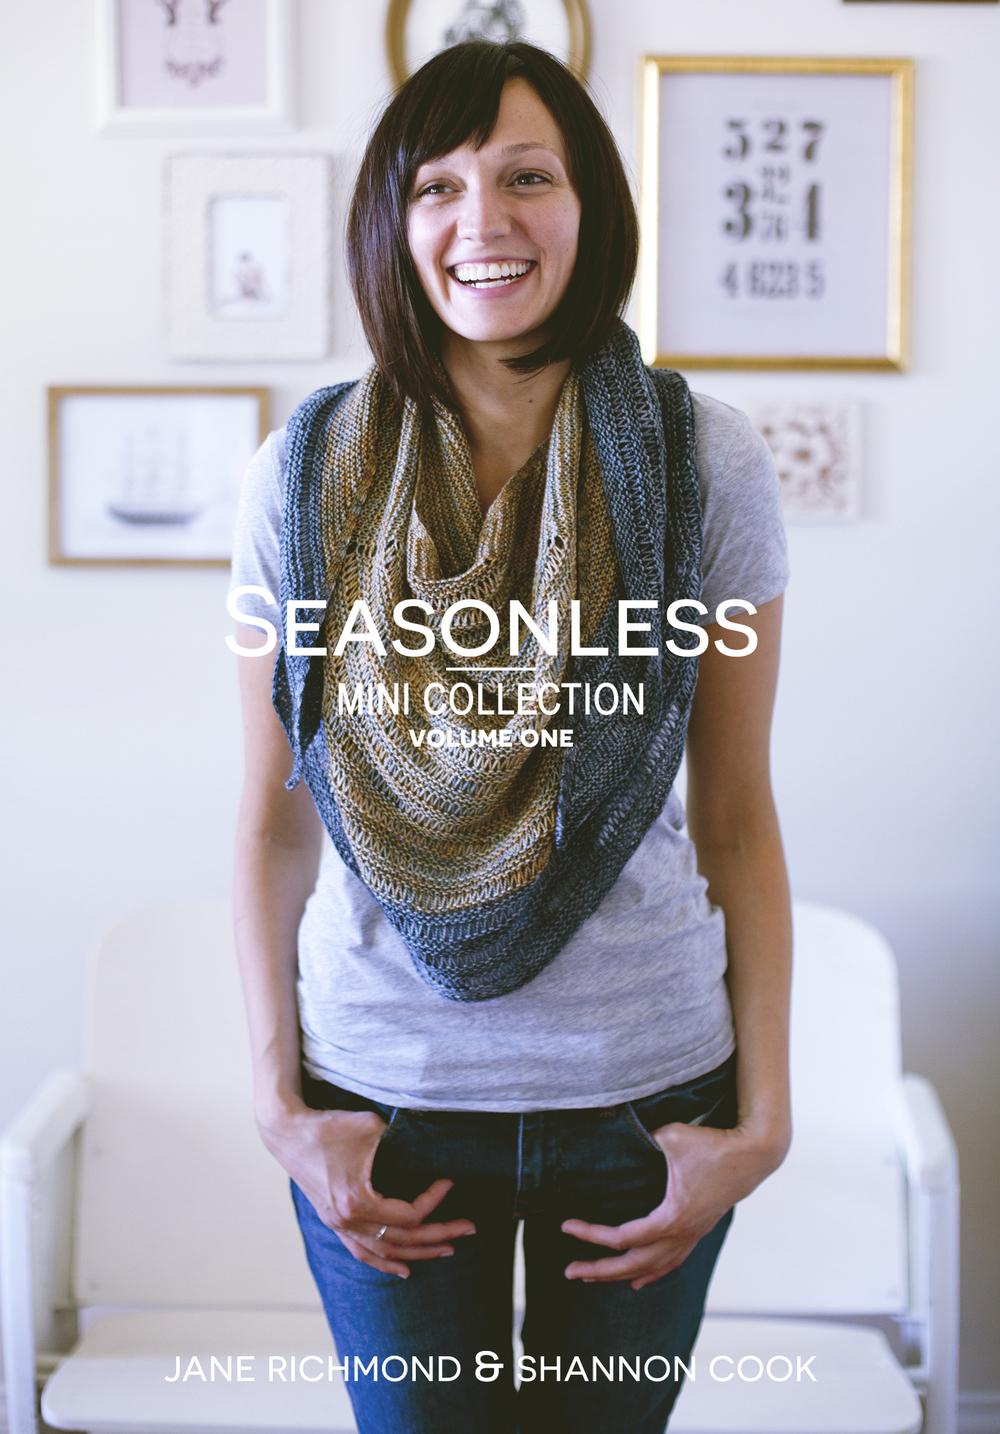 seasonlesscover.jpg